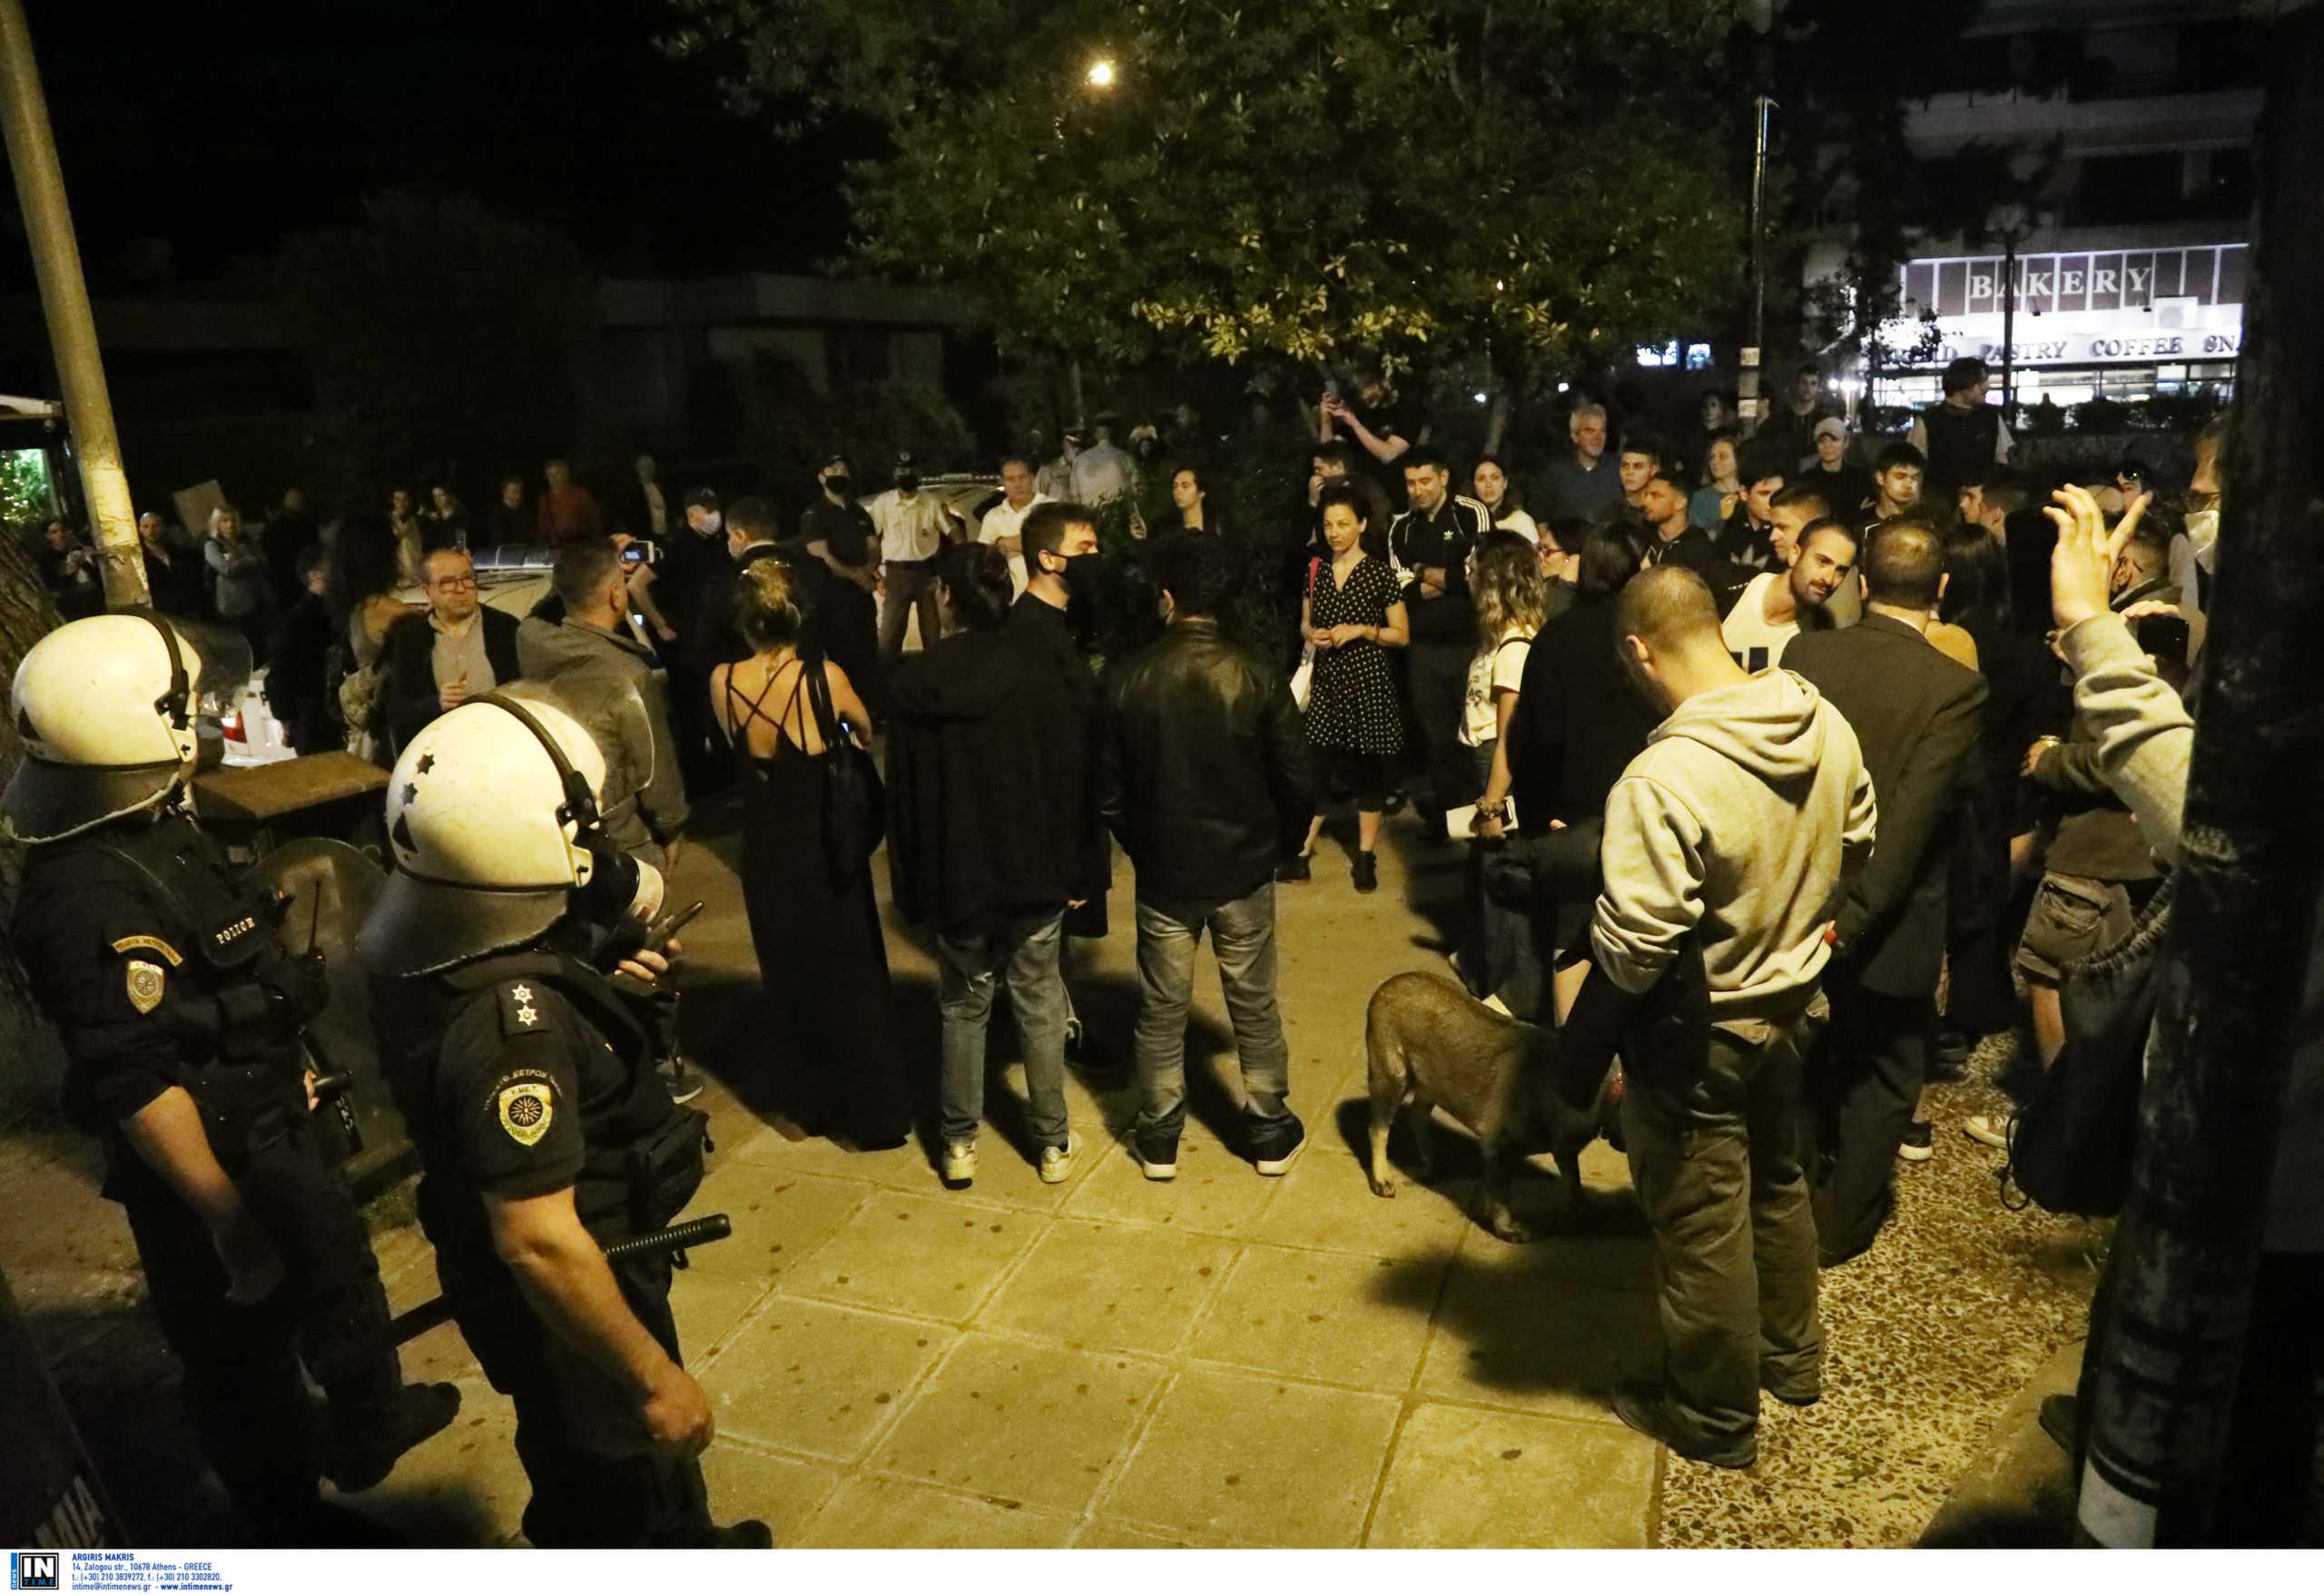 «Τα πάρτι στις πλατείες μπορεί να προκαλέσουν έως 500 κρούσματα σε ένα μήνα»